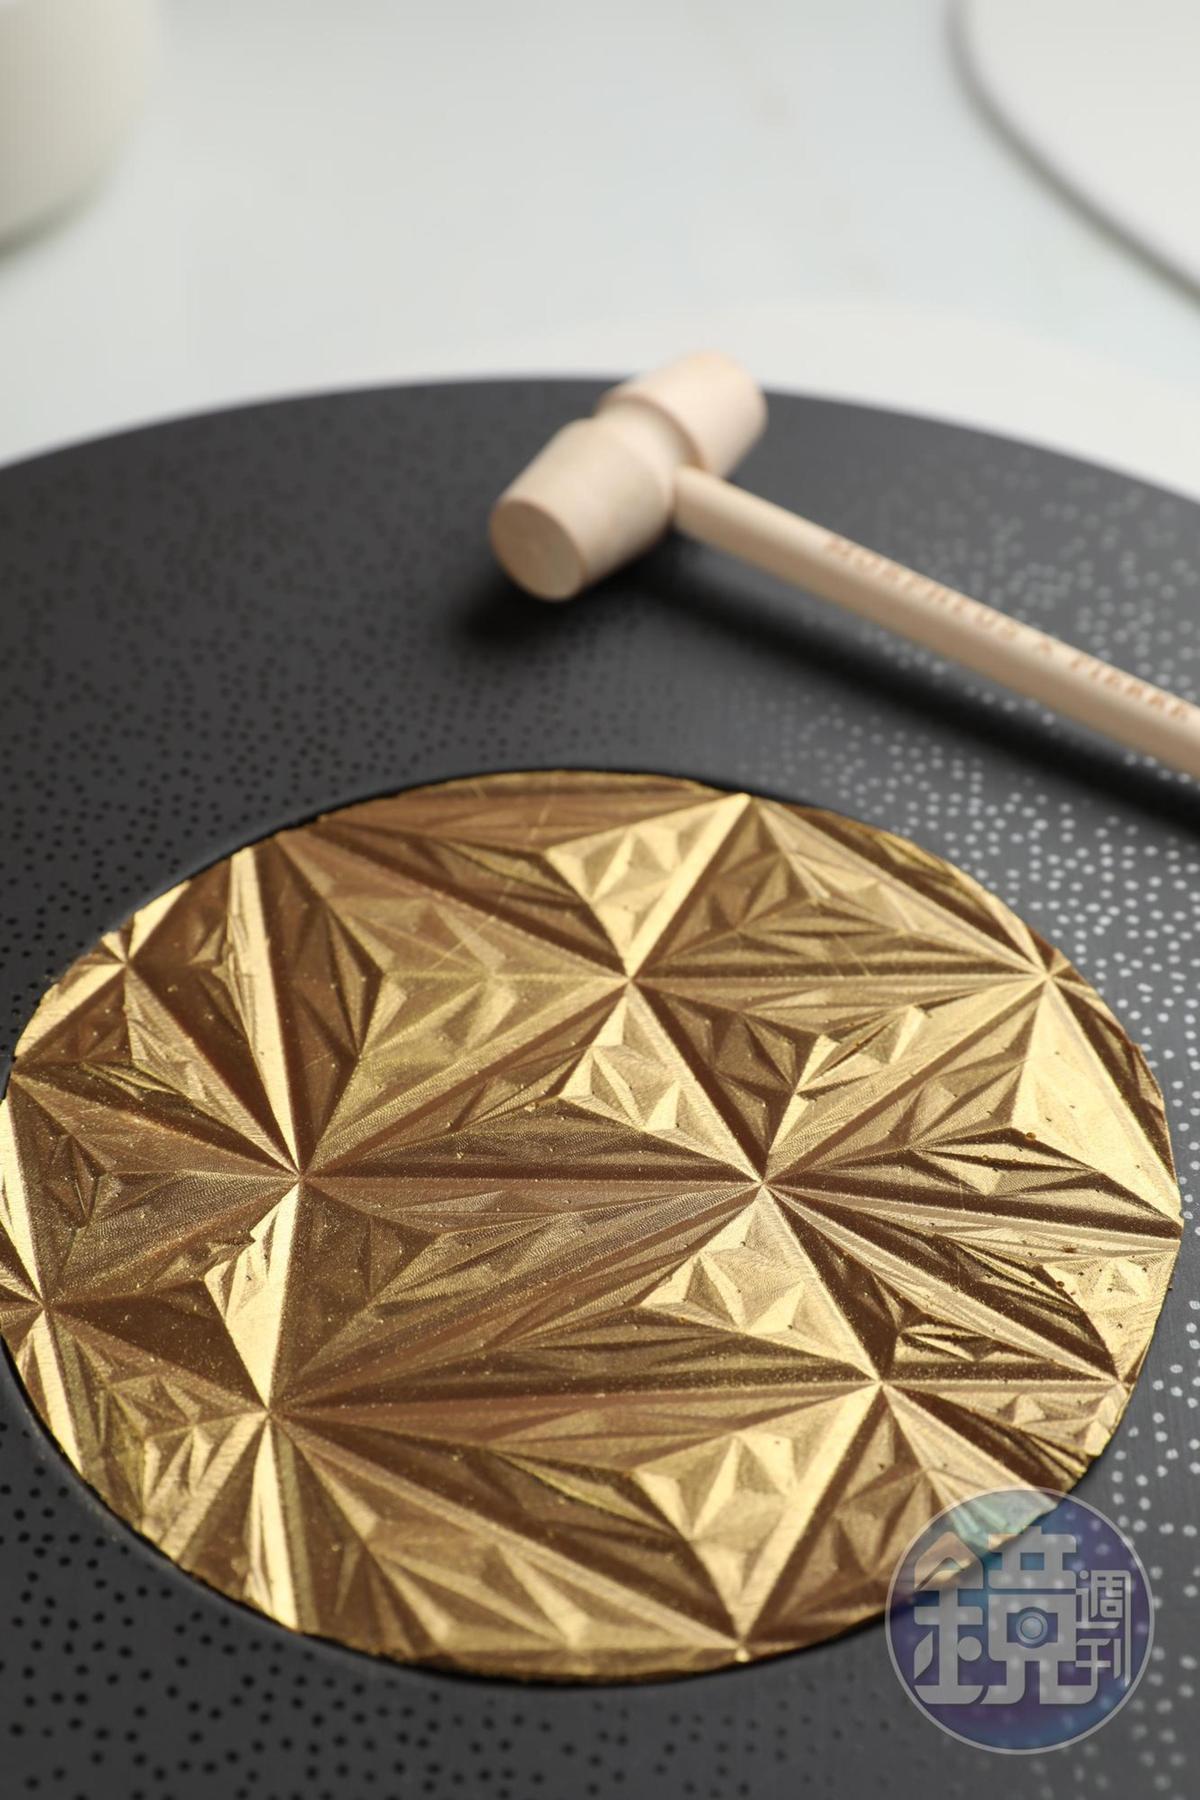 獨家甜點「Morpheus Gold Plaisir Sucré」,在金色巧克力片印上摩珀斯獨家圖形,打碎後才可嘗到隱藏的牛奶巧克力、榛子蛋糕、果仁。(澳門幣158元/份,約NT$604)